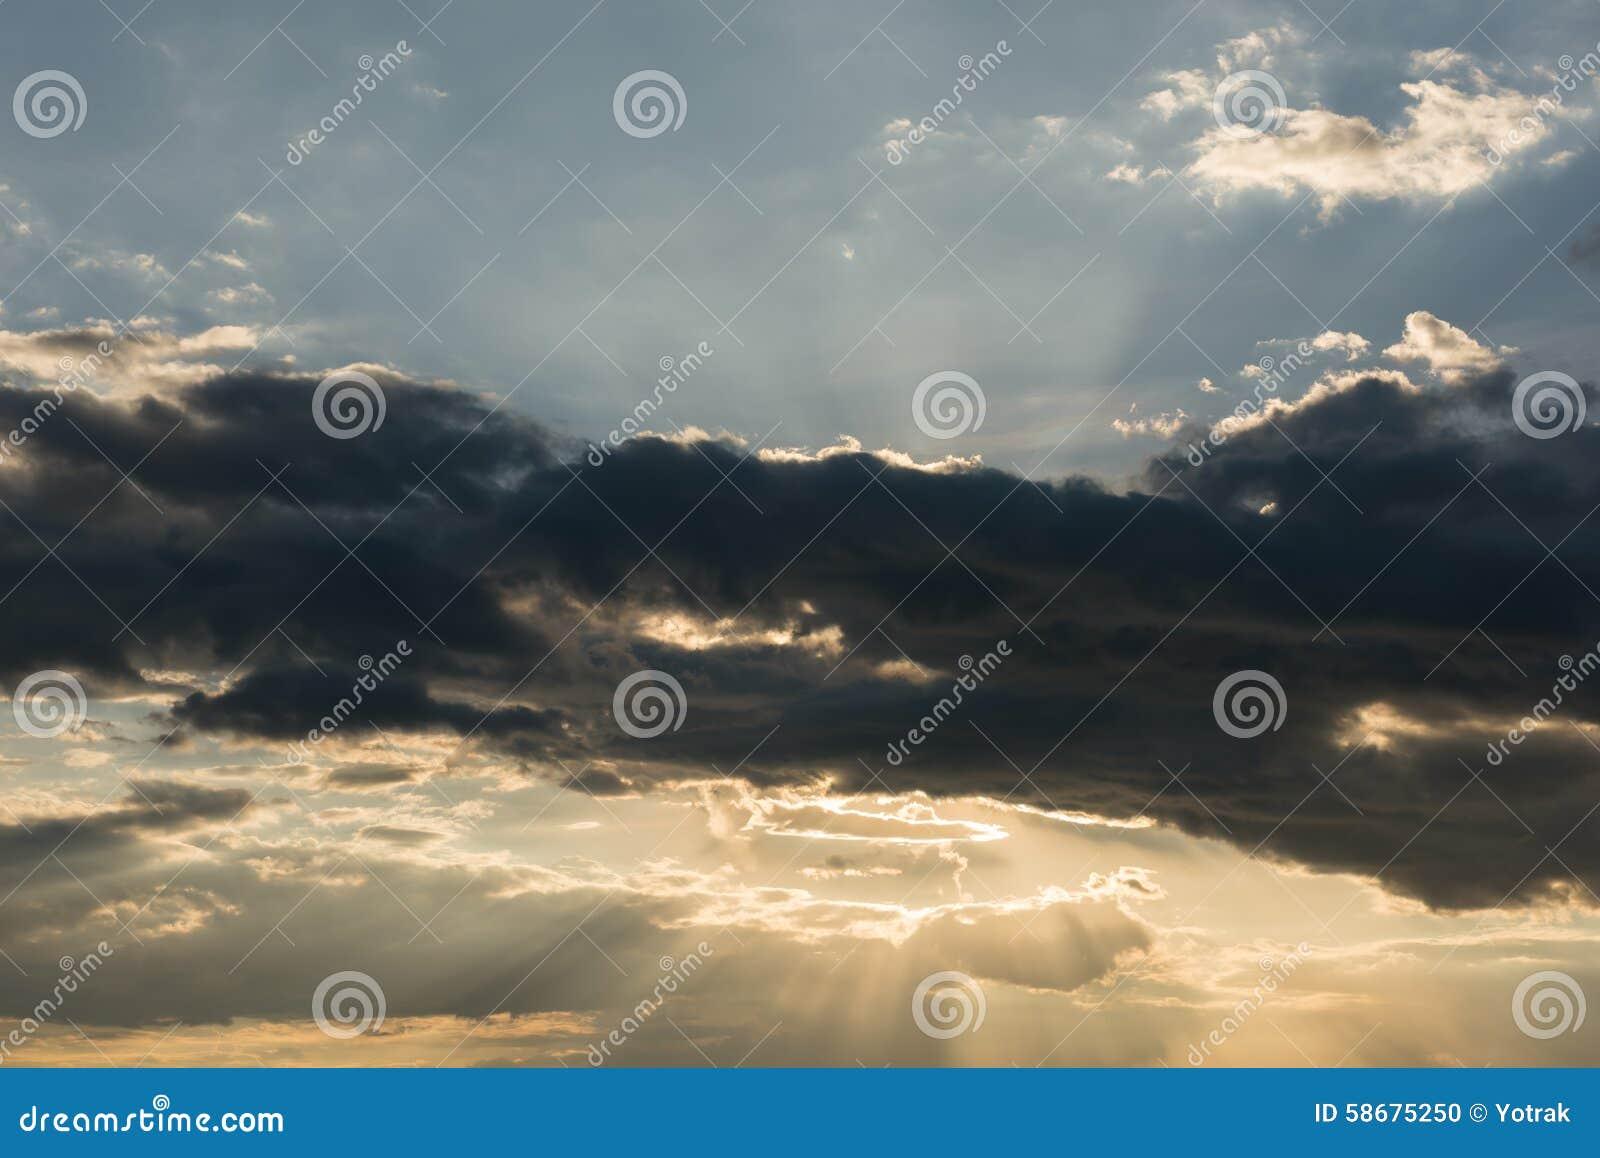 Fondo del cielo de la puesta del sol foto de archivo for Fondo del sol